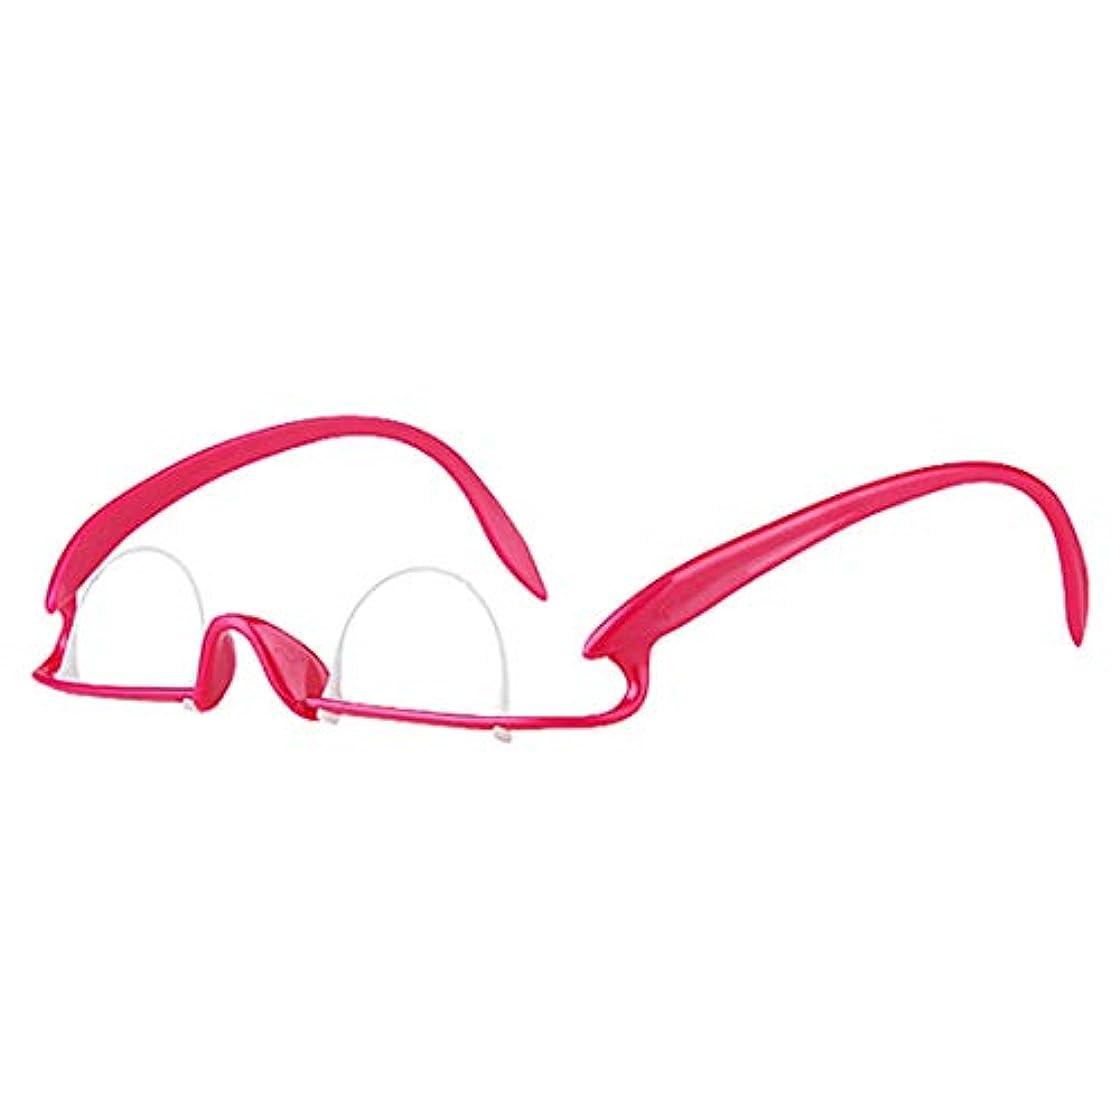 お嬢換気する構築する億騰 二重まぶた用メガネ 二重まぶた運動 二重まぶた形成 二重まぶた運動器 メガネトレーナー